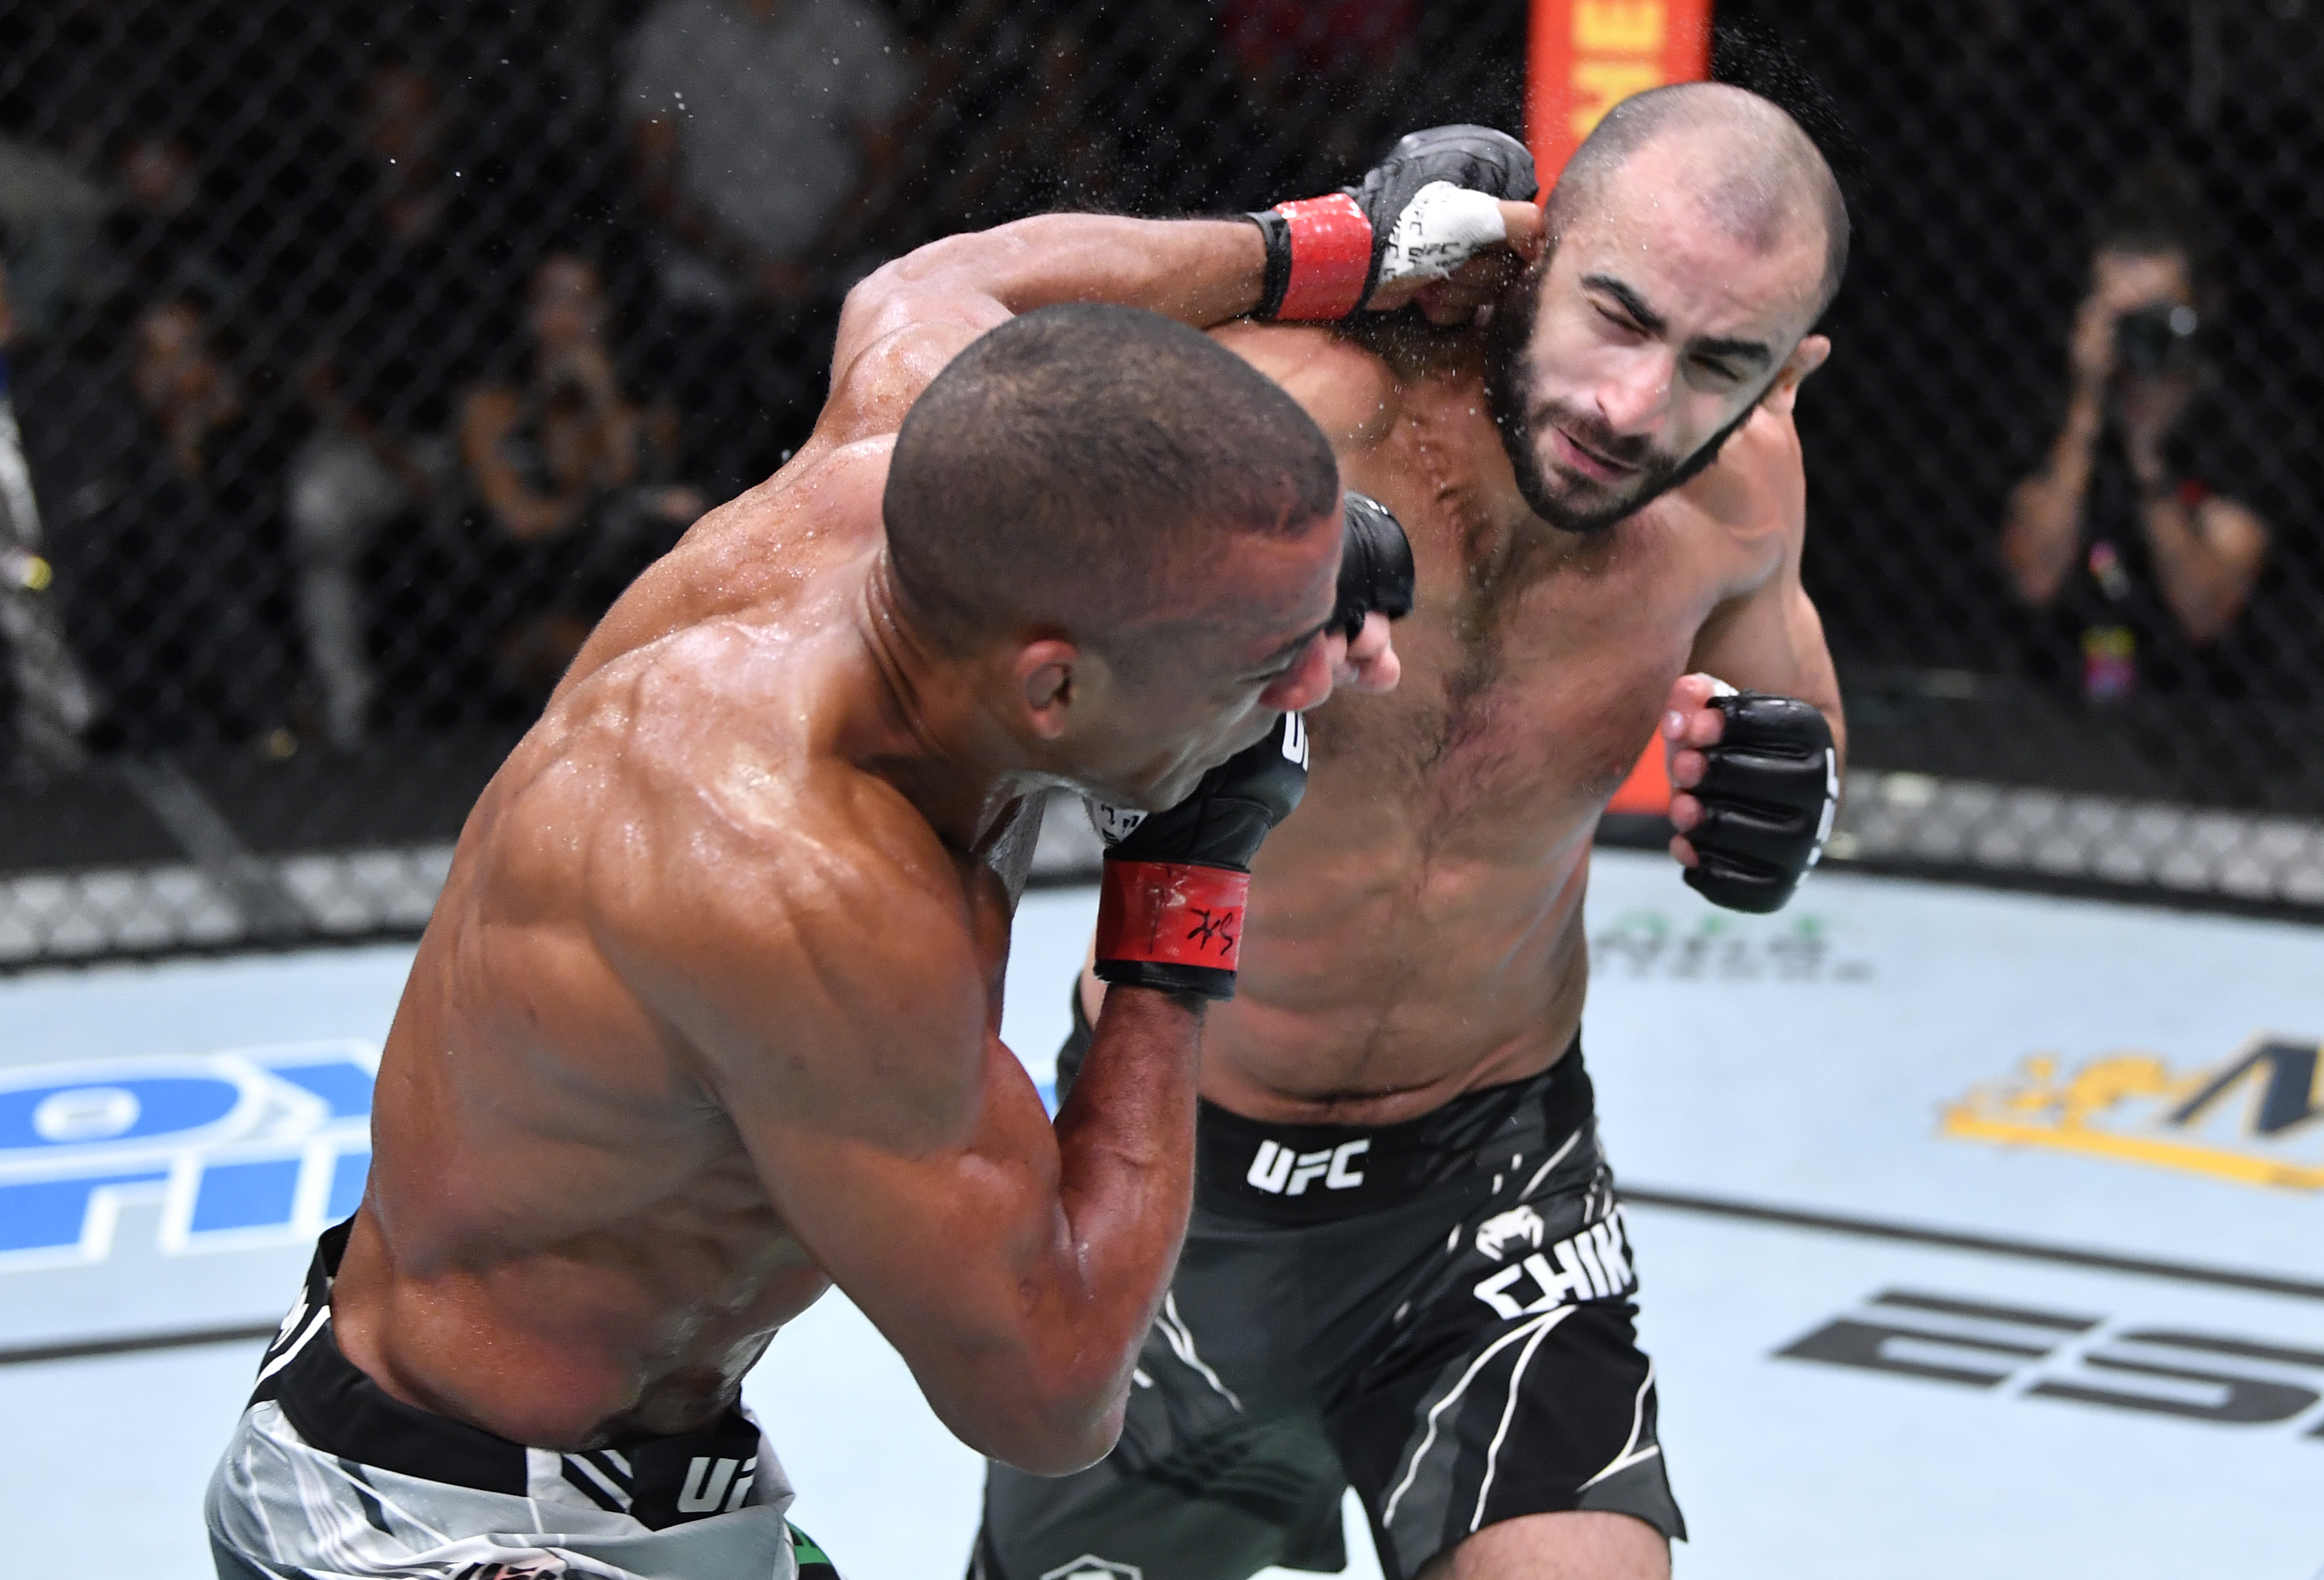 Giga Chikadze TKO'd Edson Barboza at UFC Vegas 35